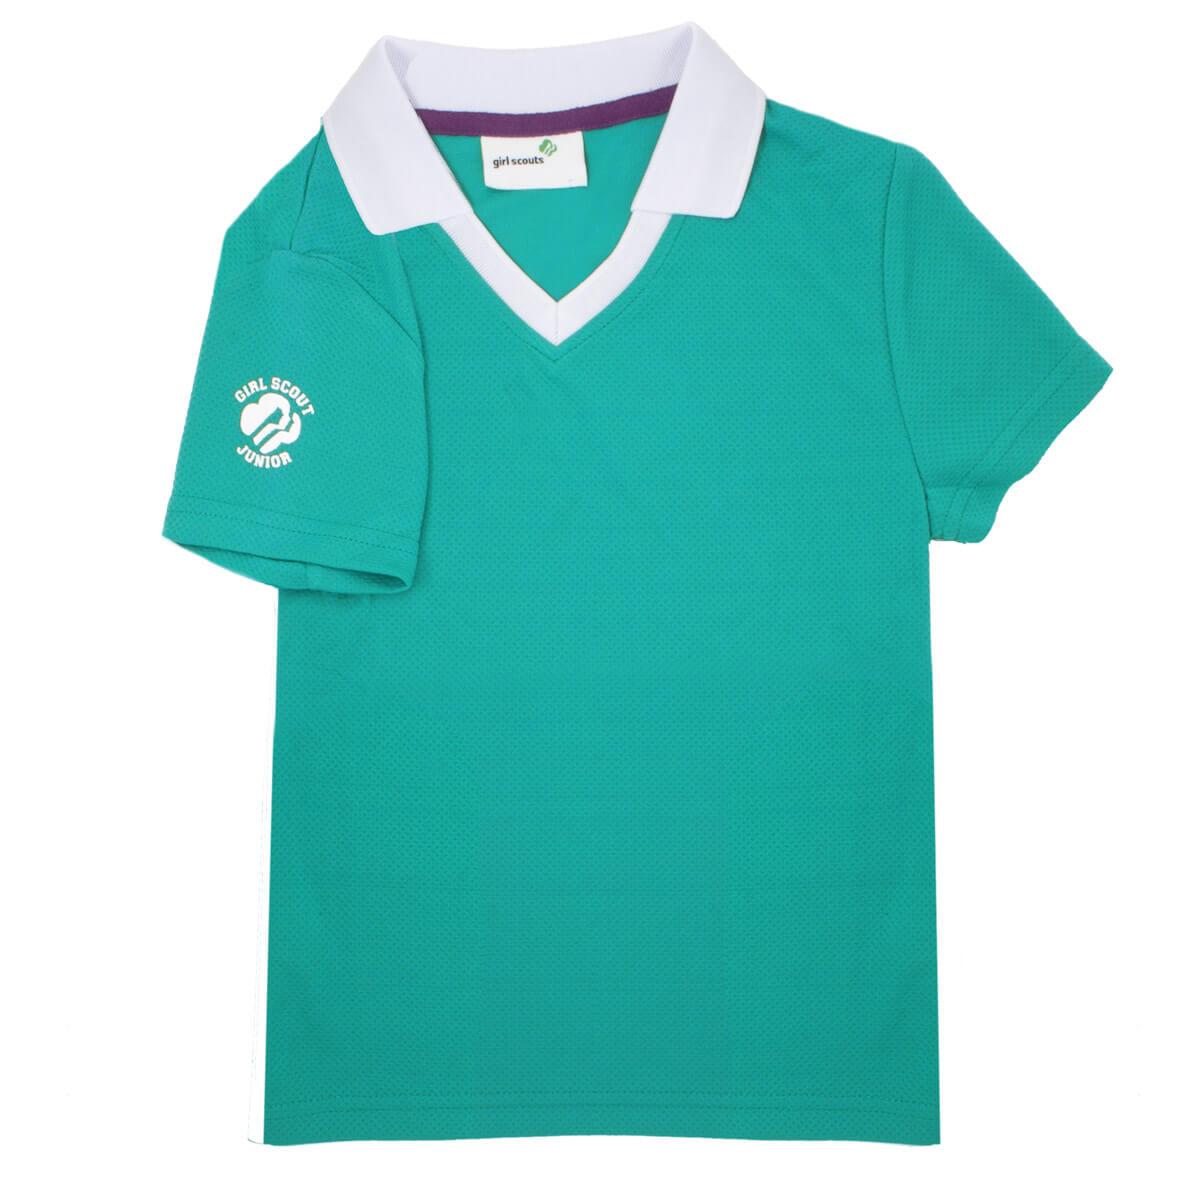 Official Junior Activity Shirt